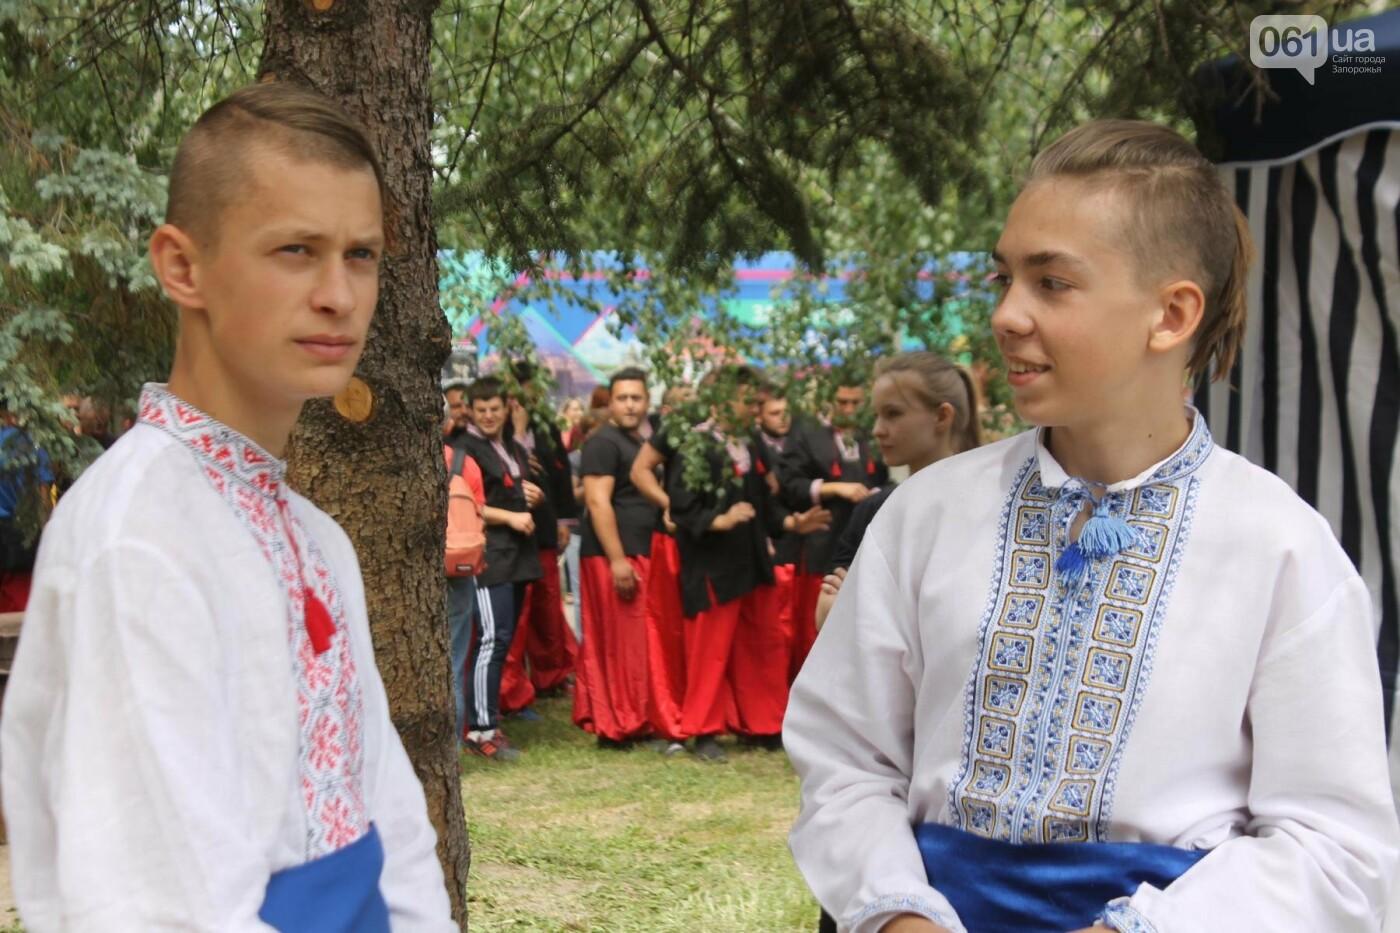 «Лава на лаву», борьба на поясах и ярмарка вышиванок: как в Запорожье прошли всеукраинские казацкие игры, – ФОТОРЕПОРТАЖ, фото-40